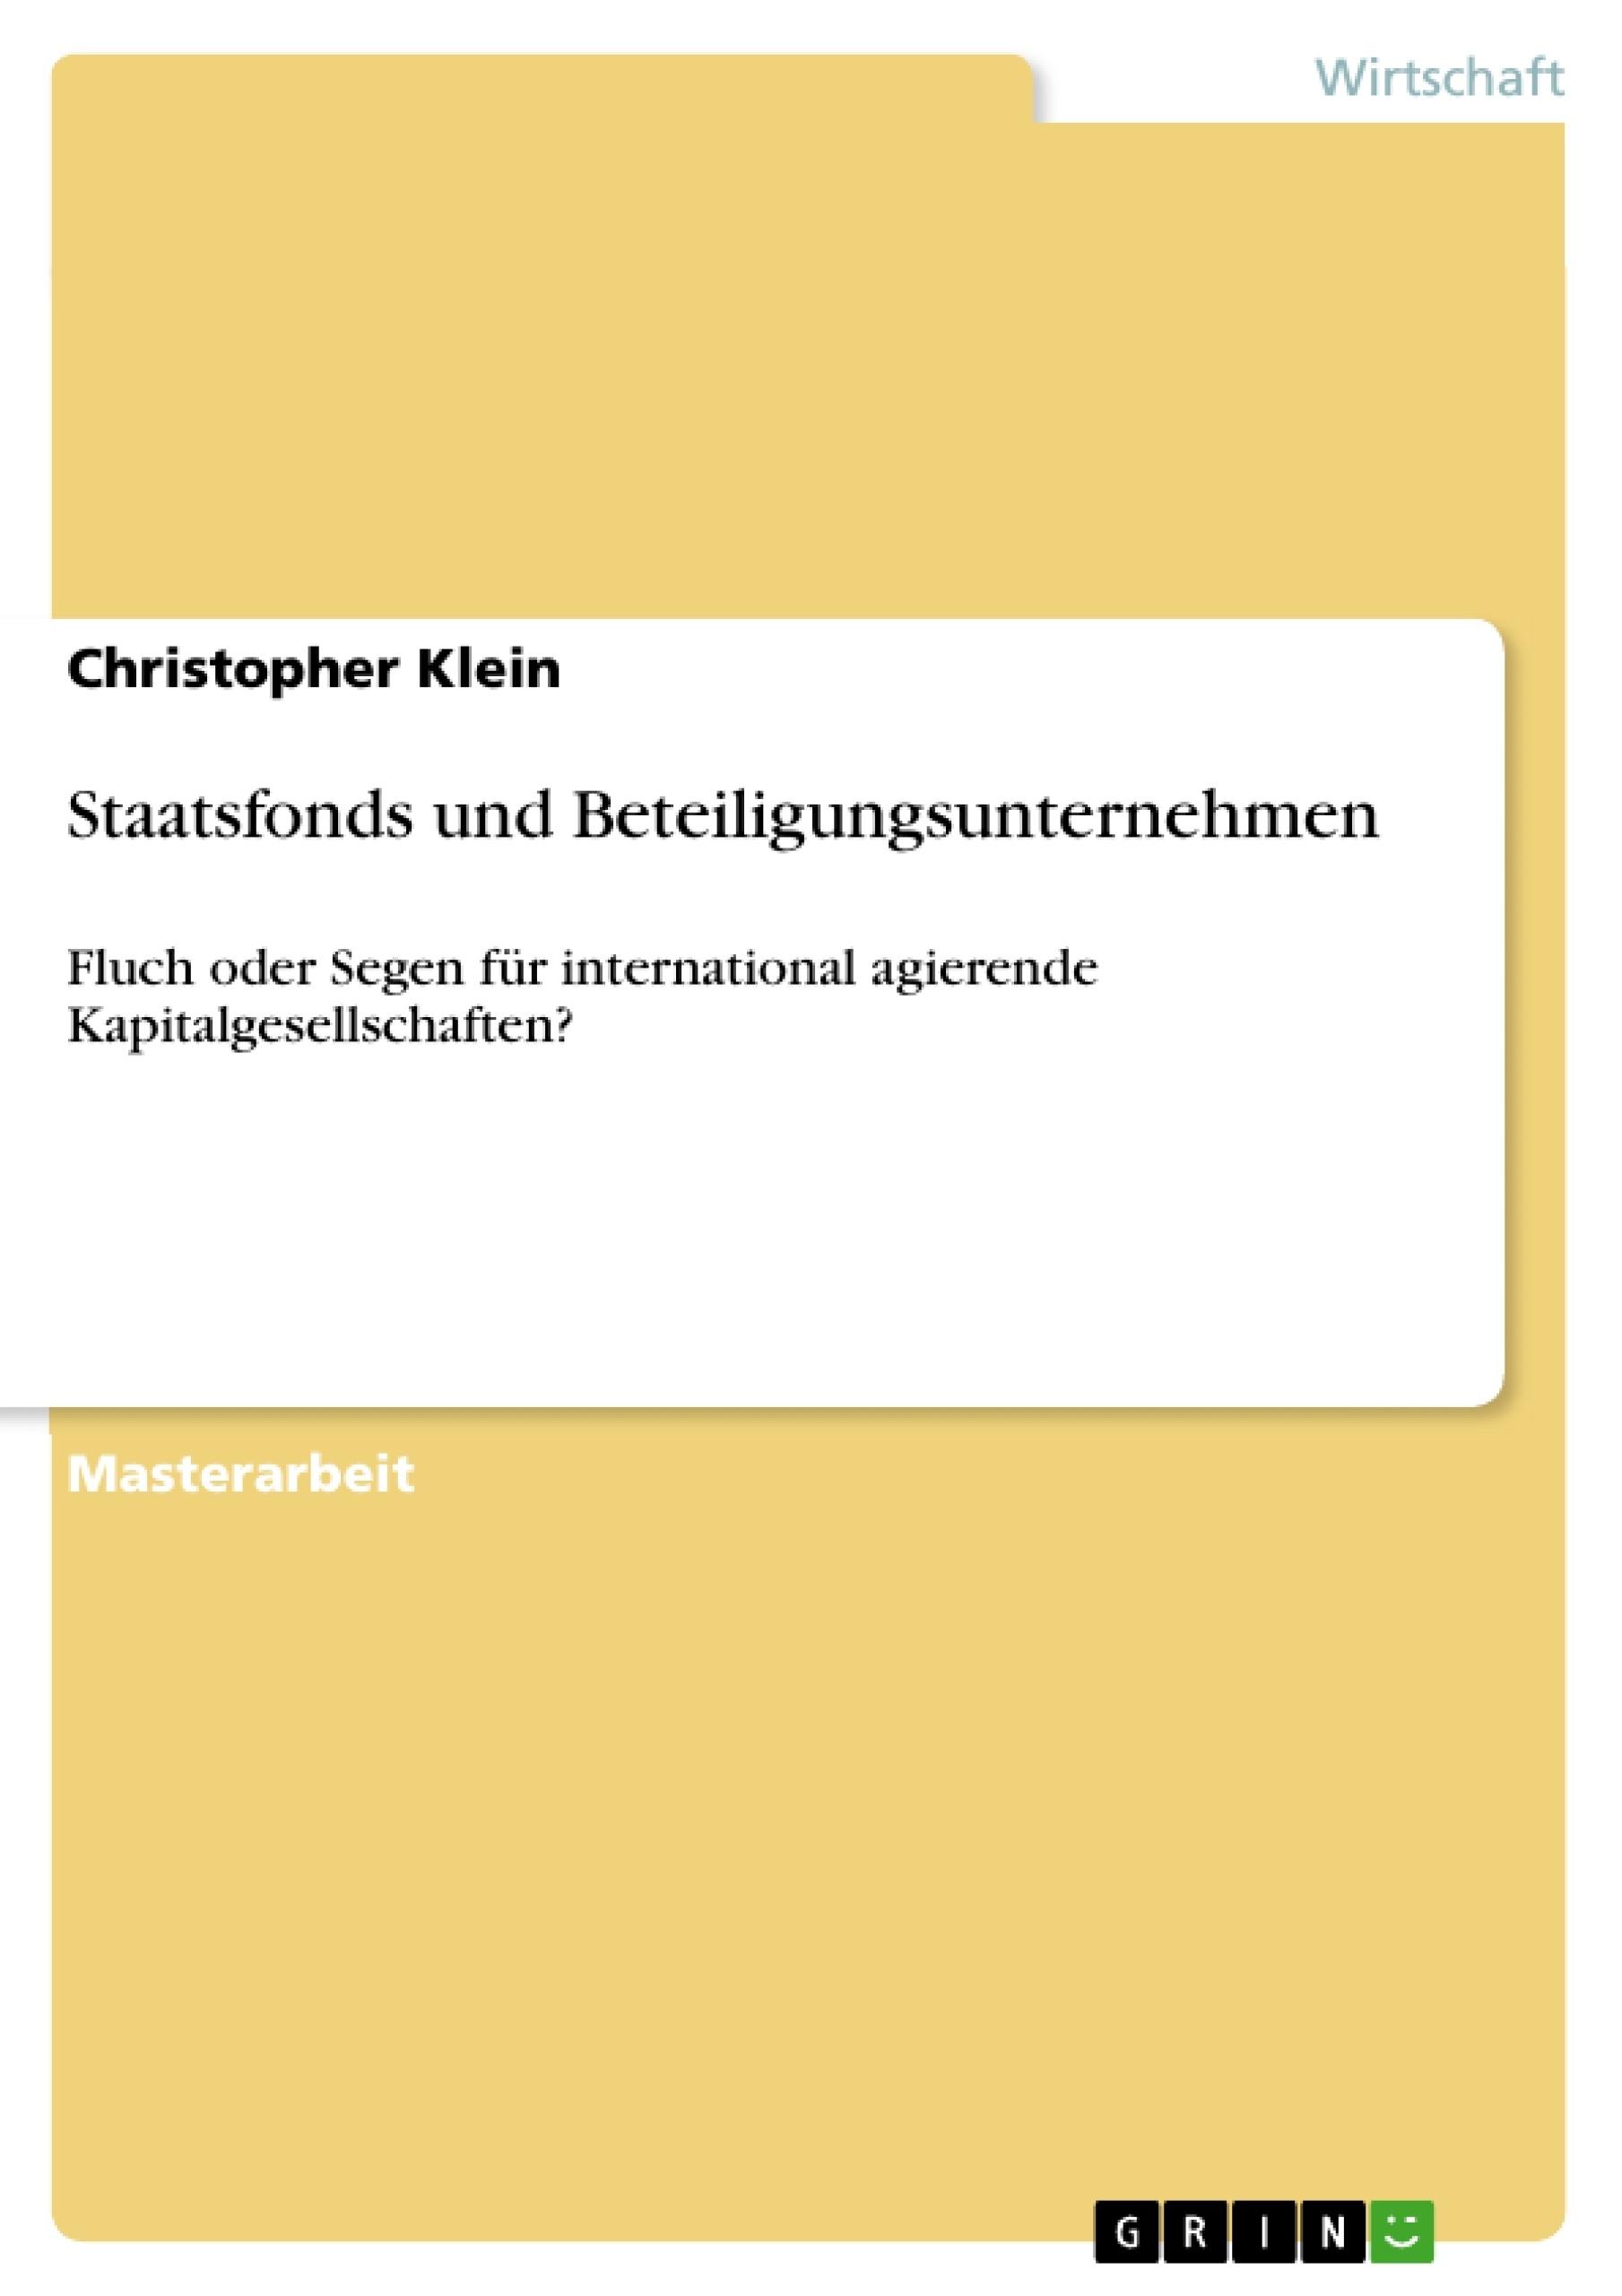 Titel: Staatsfonds und Beteiligungsunternehmen